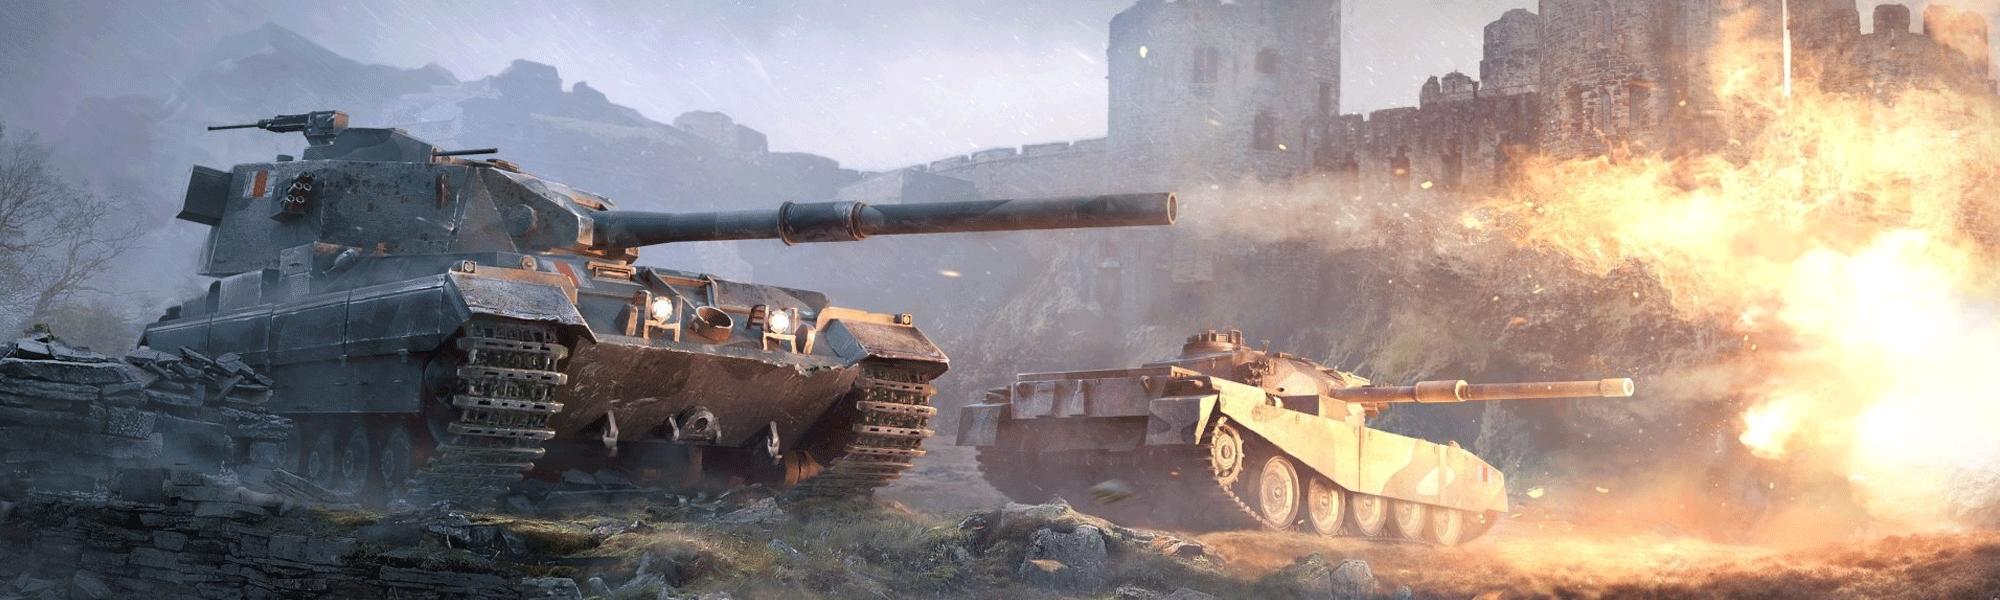 conduire_tank_puissance_de_feu